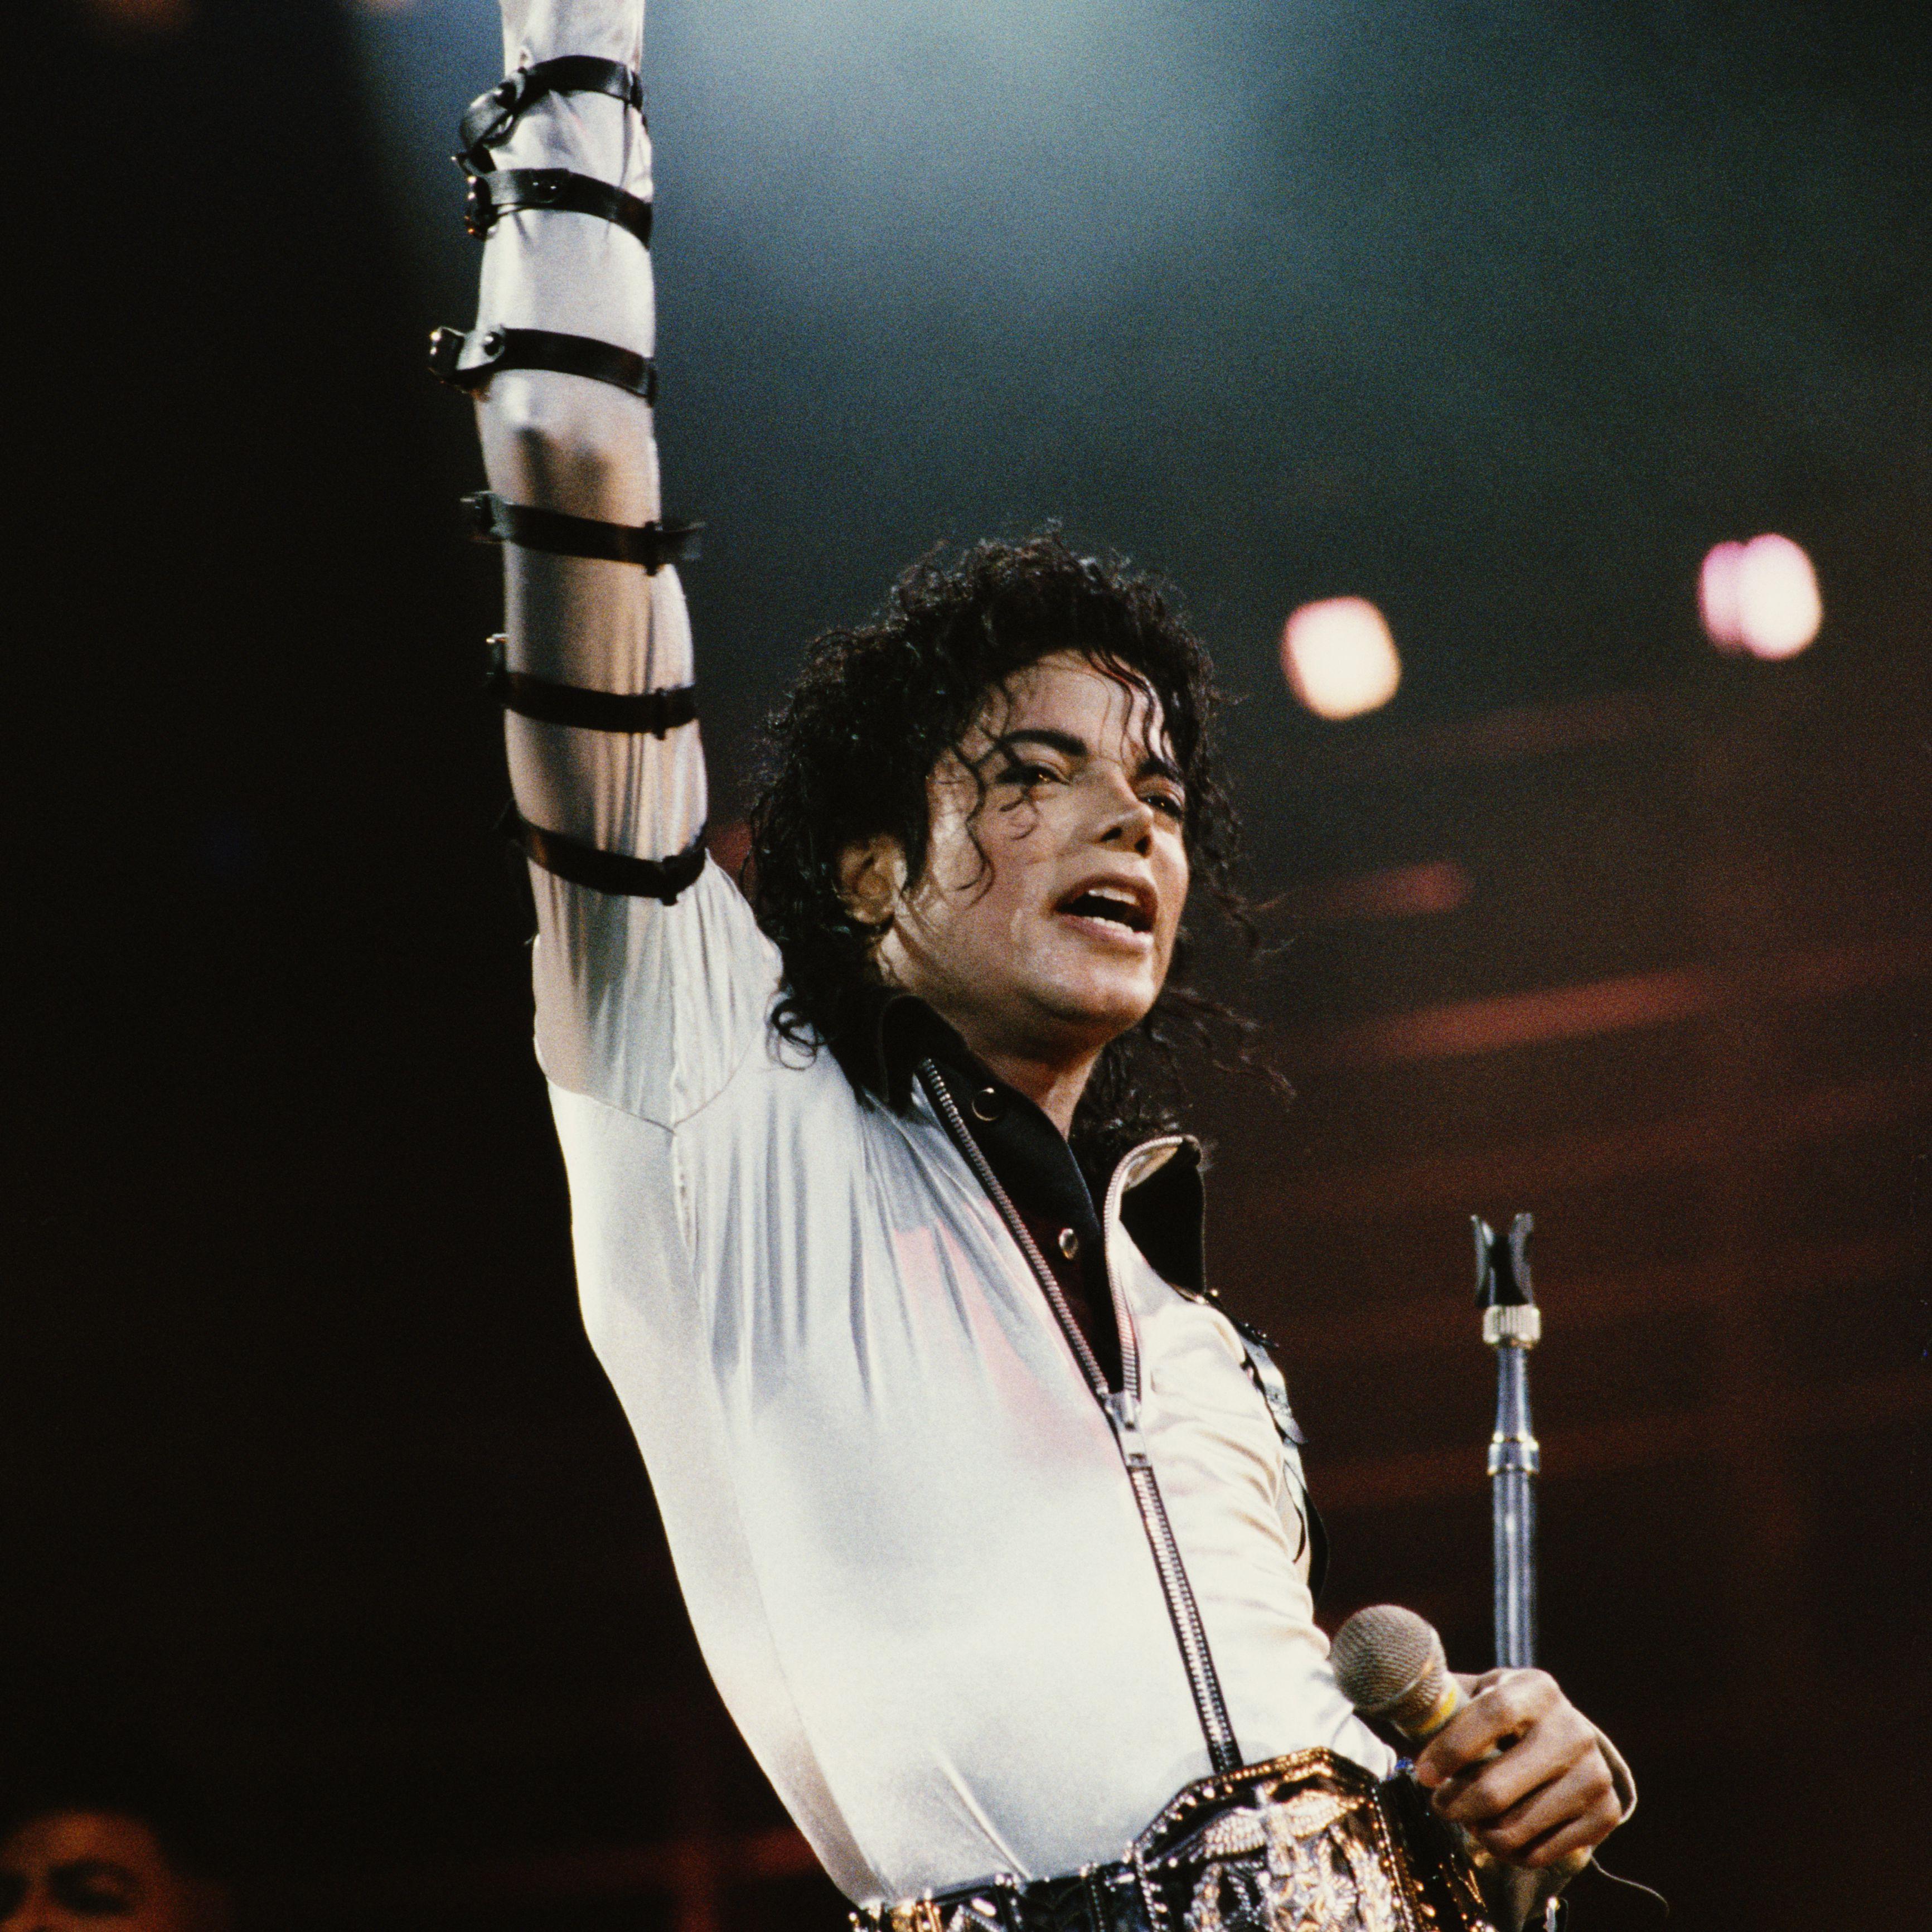 20 Unforgettable Grammy Awards Performances